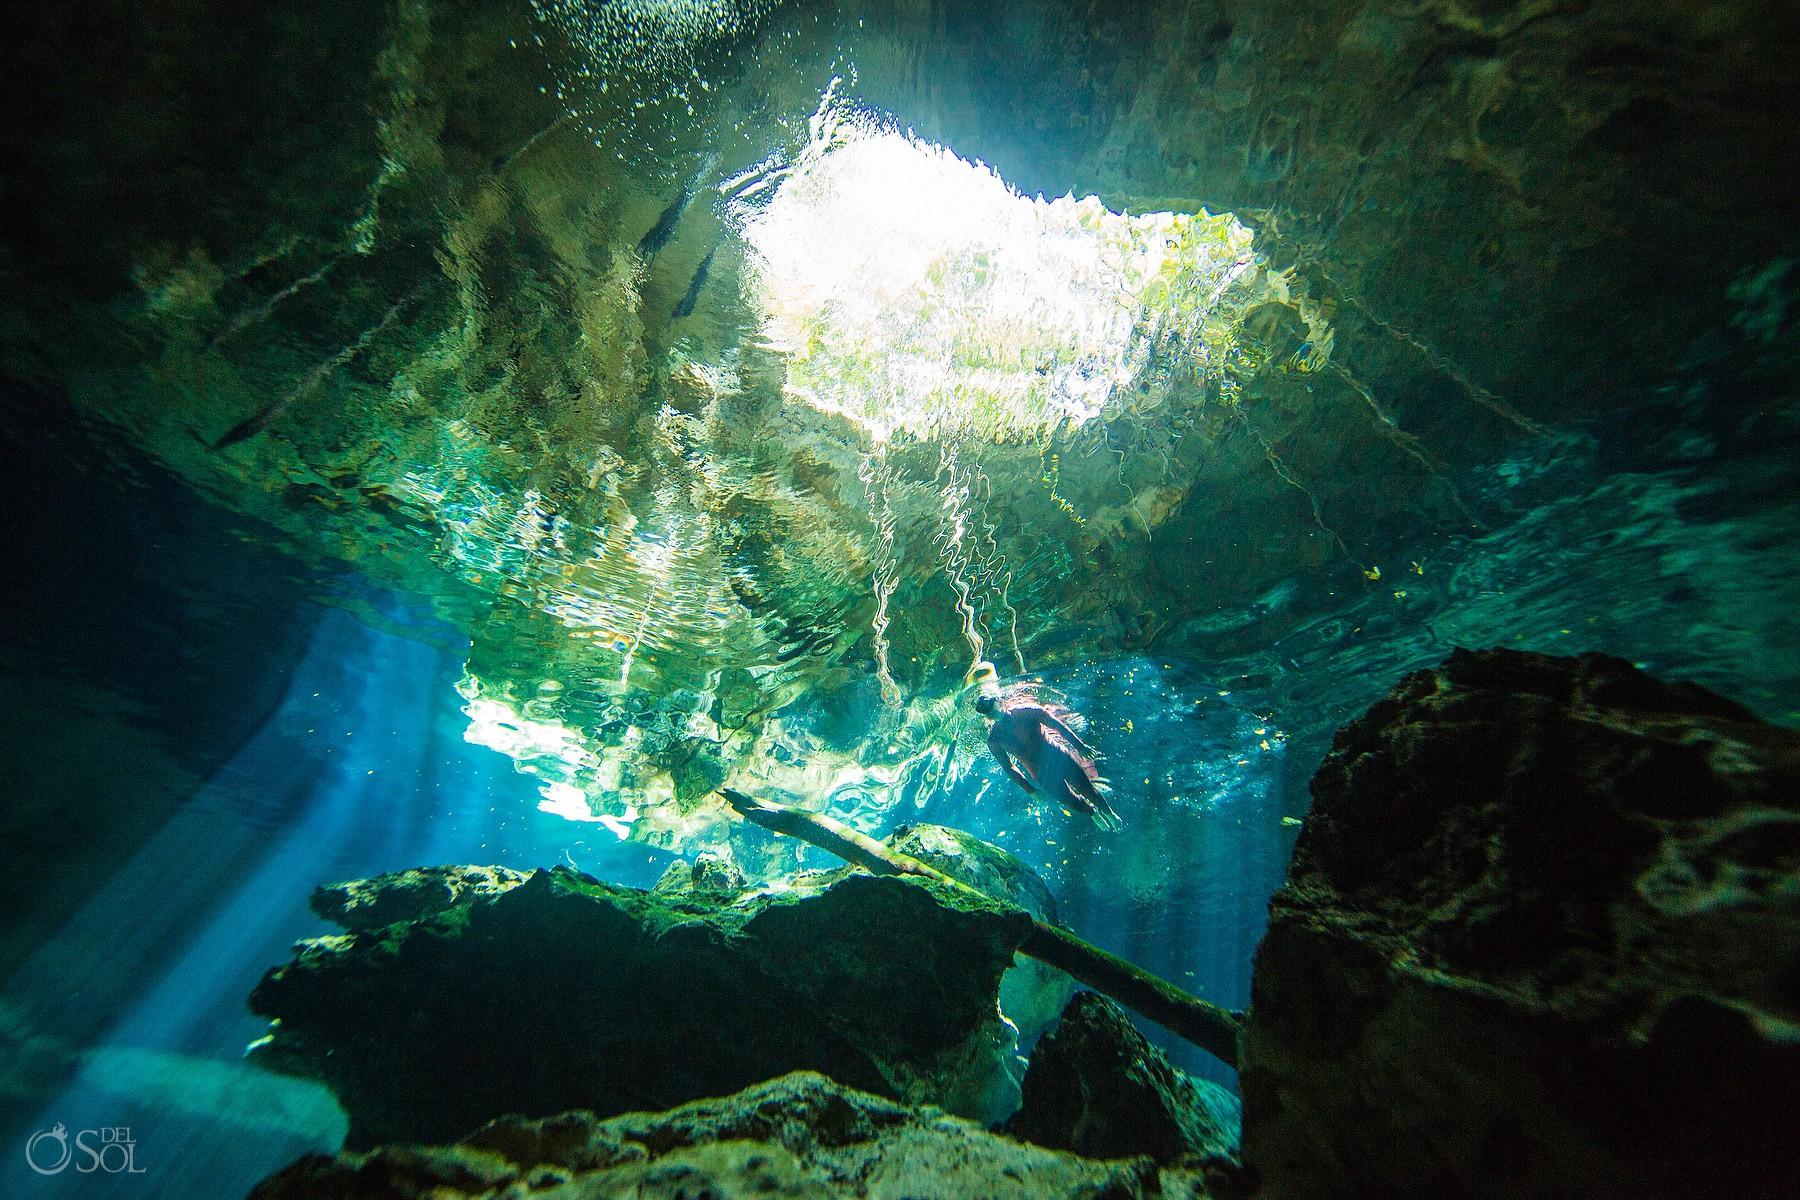 #Aworldofitsown underwater photography Cenote Riviera Maya Mexico